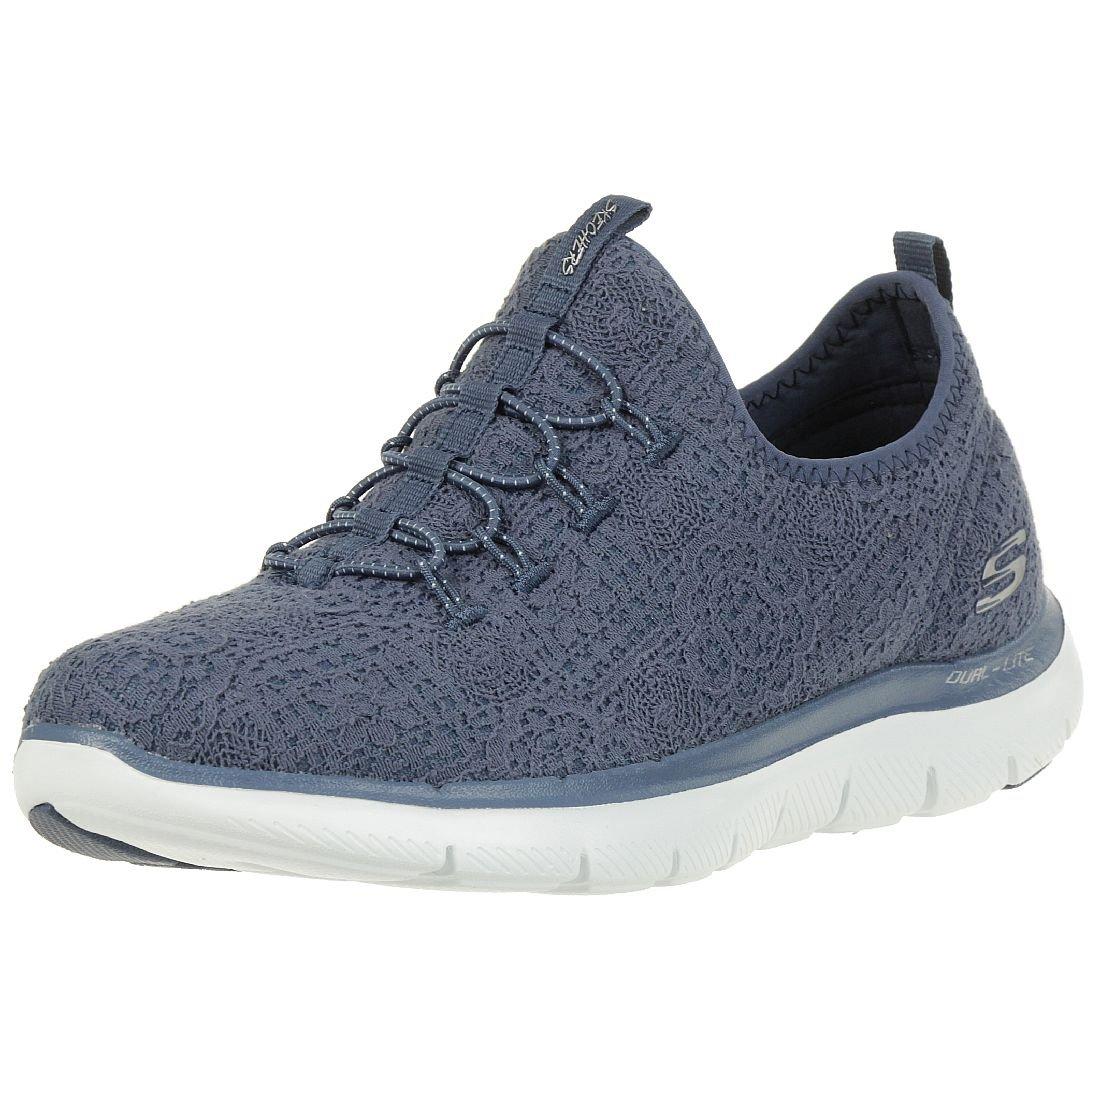 Skechers Flex Appeal 2.0 Clear Cut Women Sneaker Slip on Memory Foam Blue 12907 37 EU